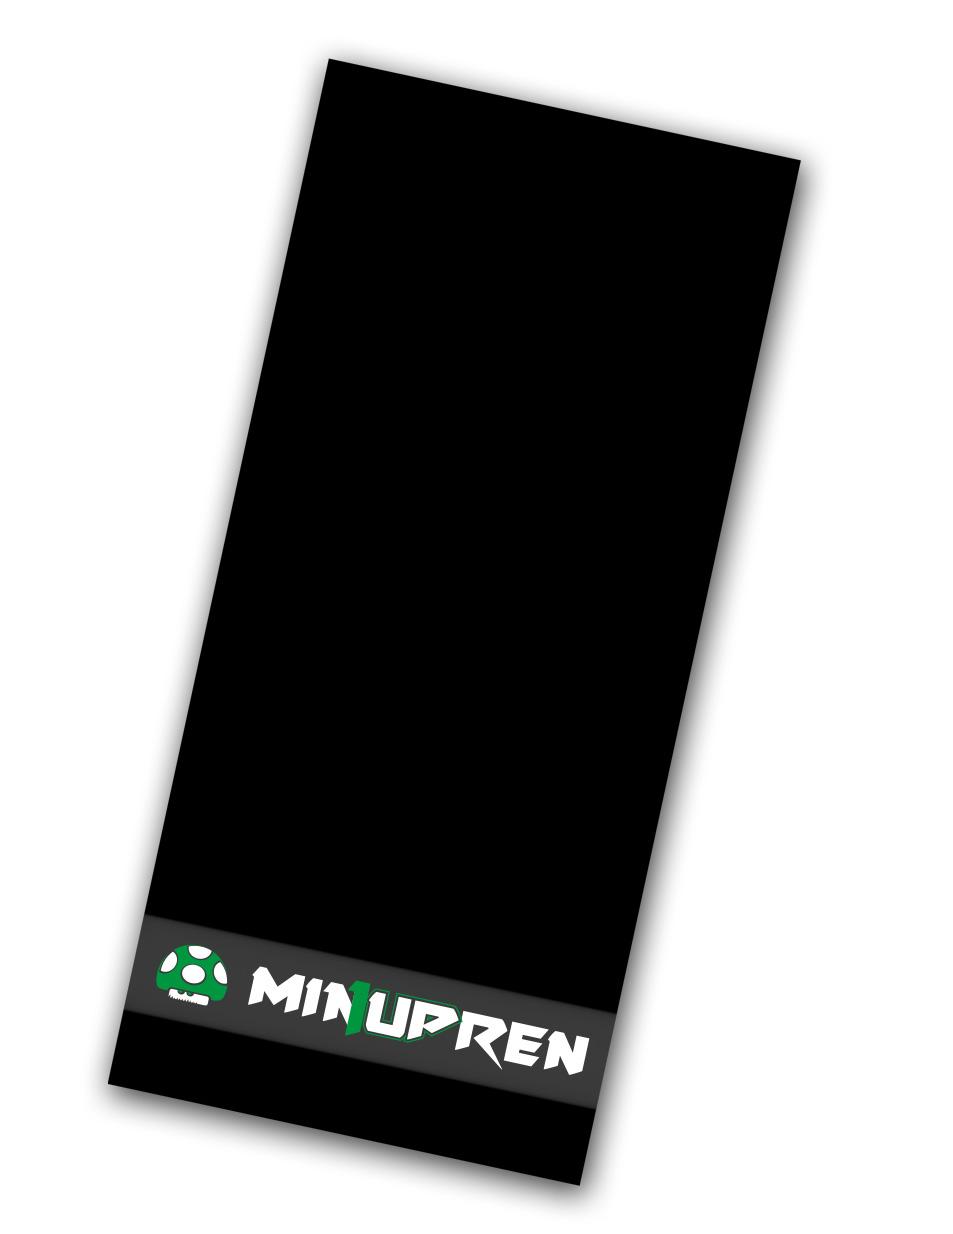 min1upren Handtuch - 3er Bundle mehrfarbig auf schwarz